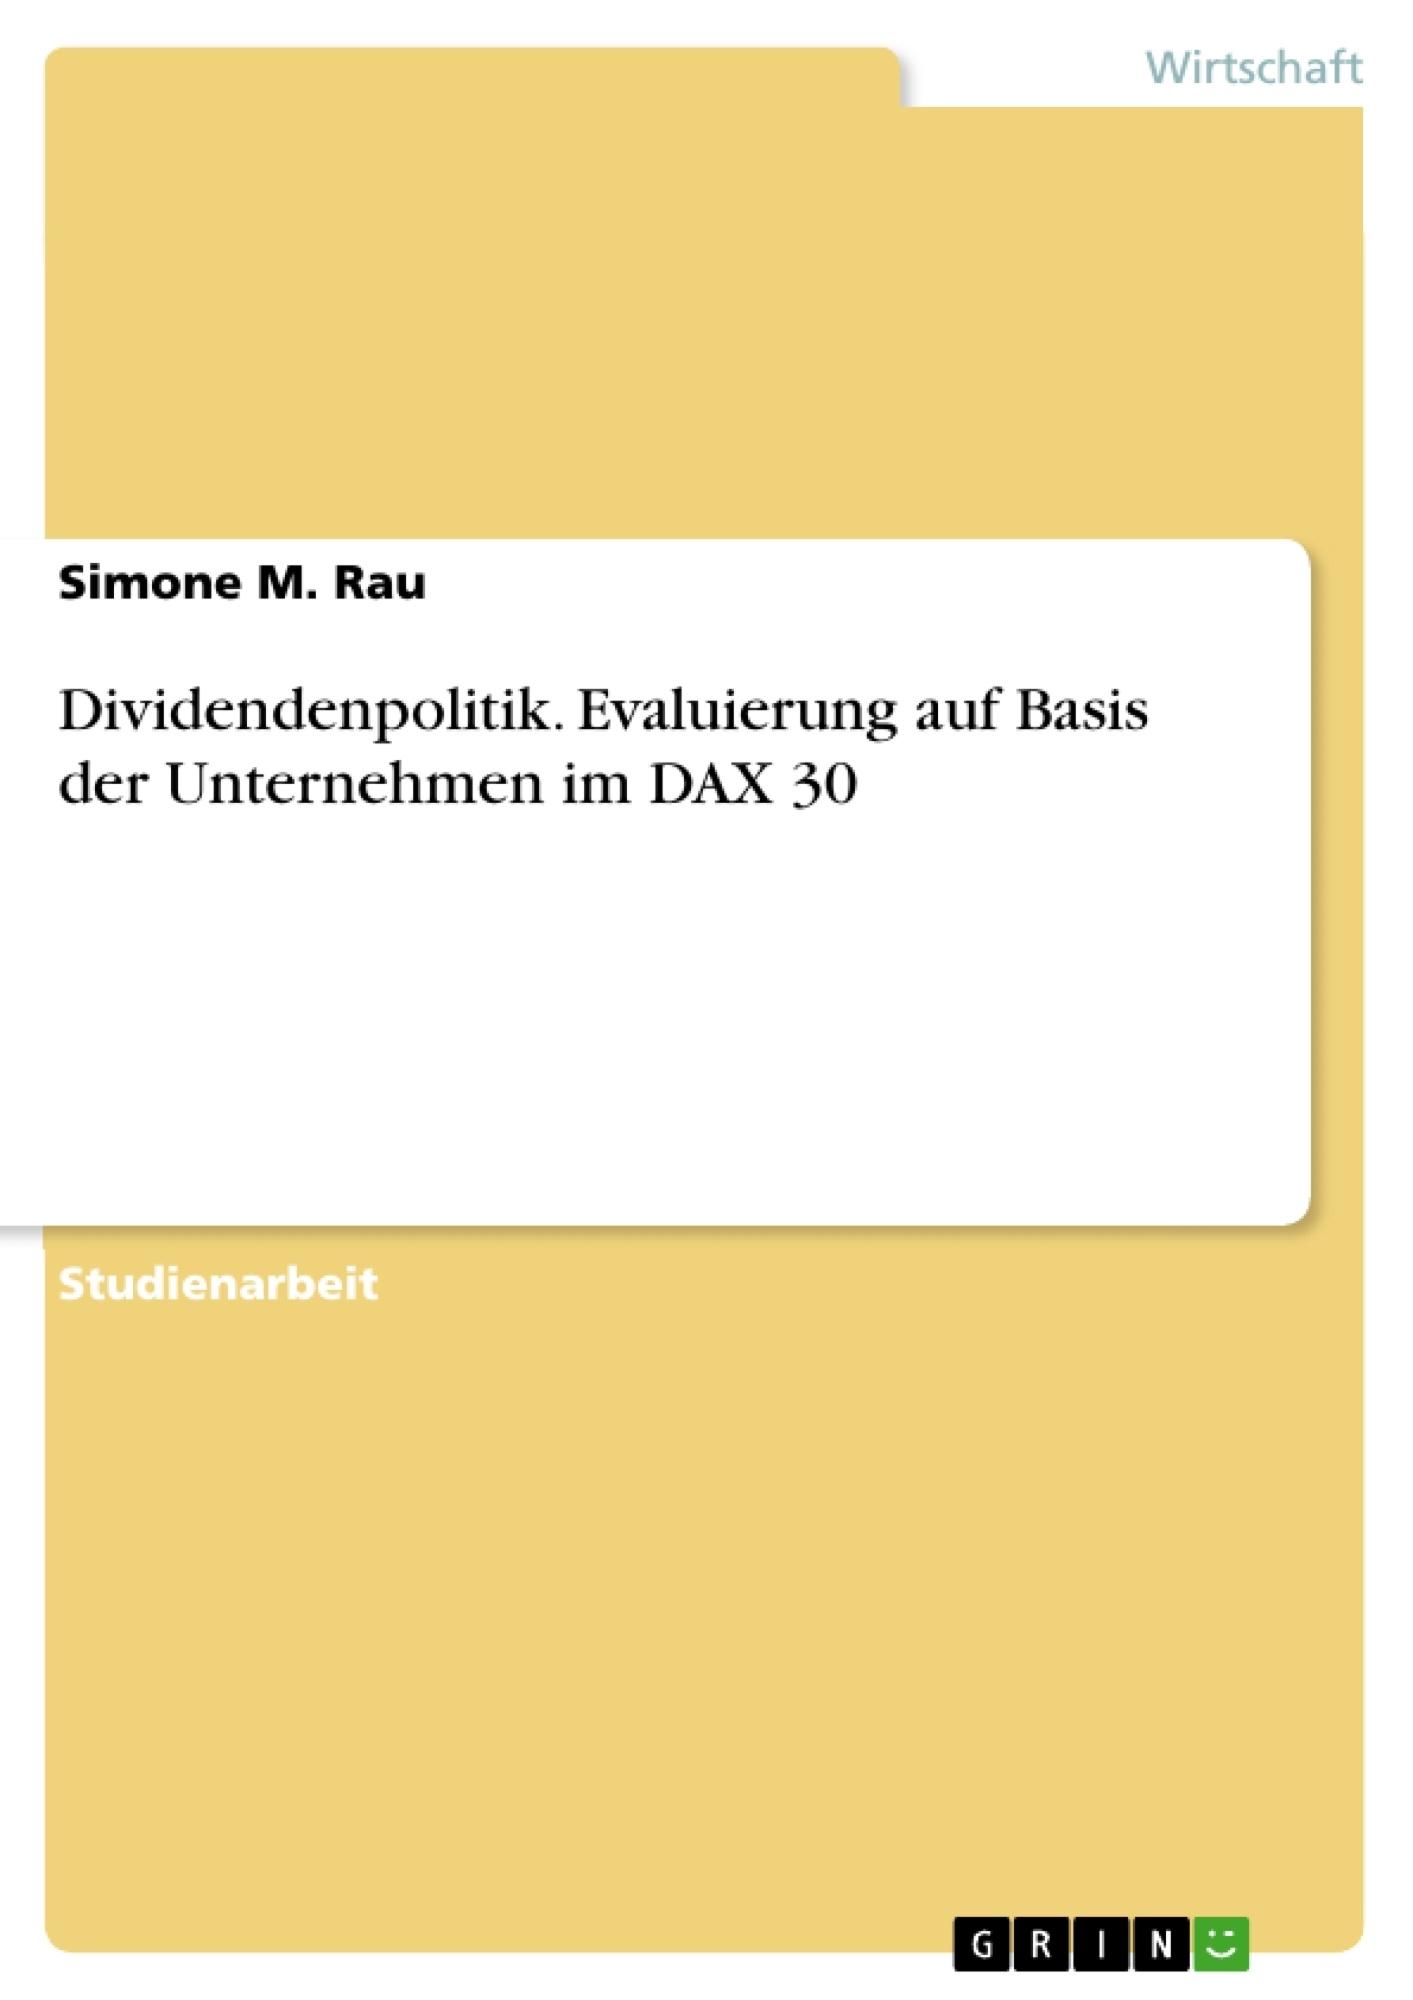 Titel: Dividendenpolitik. Evaluierung auf Basis der Unternehmen im DAX 30